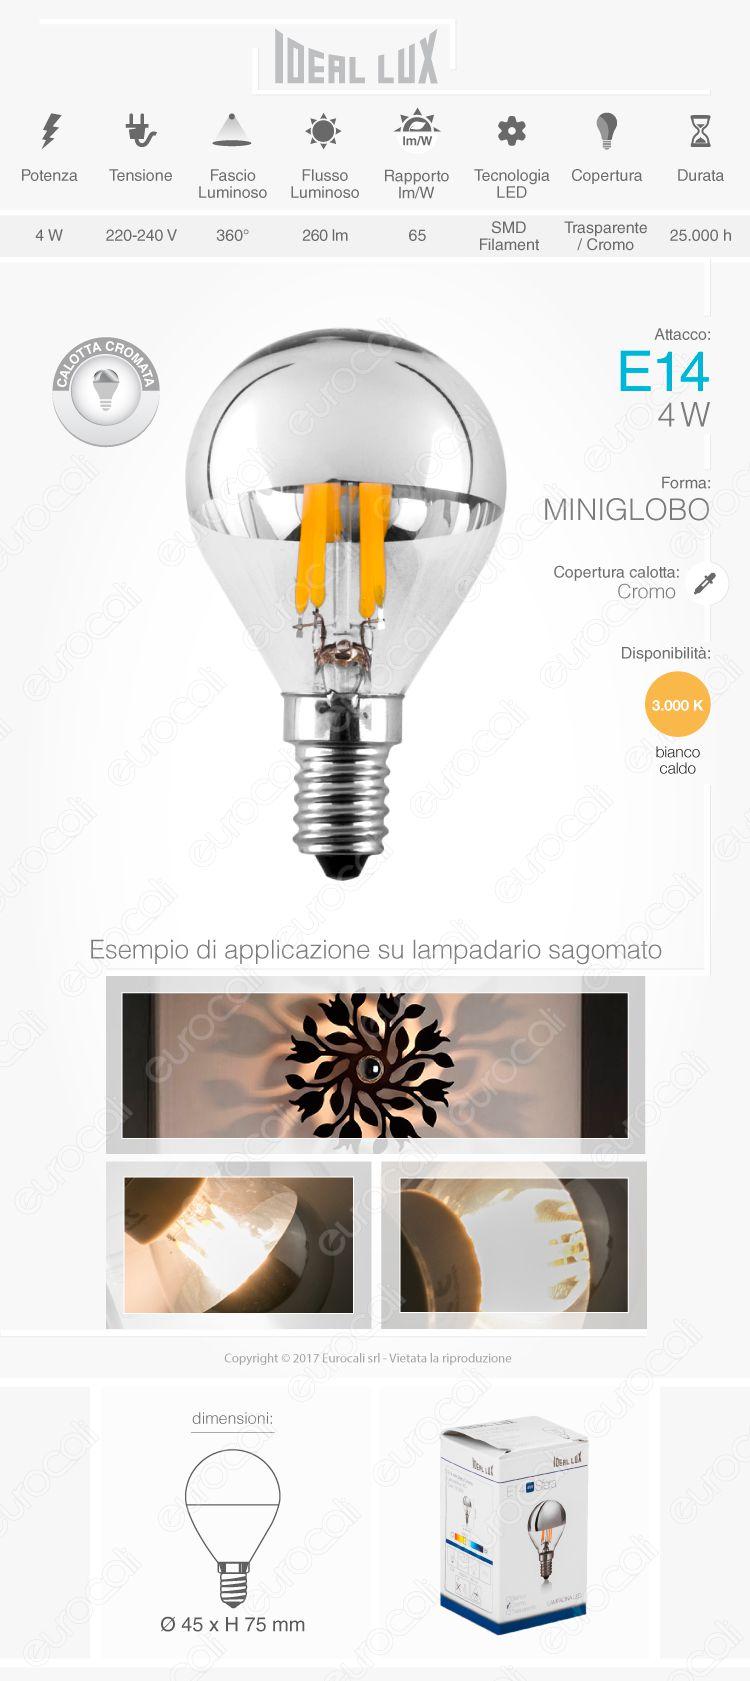 lampada led e14 ideal lux